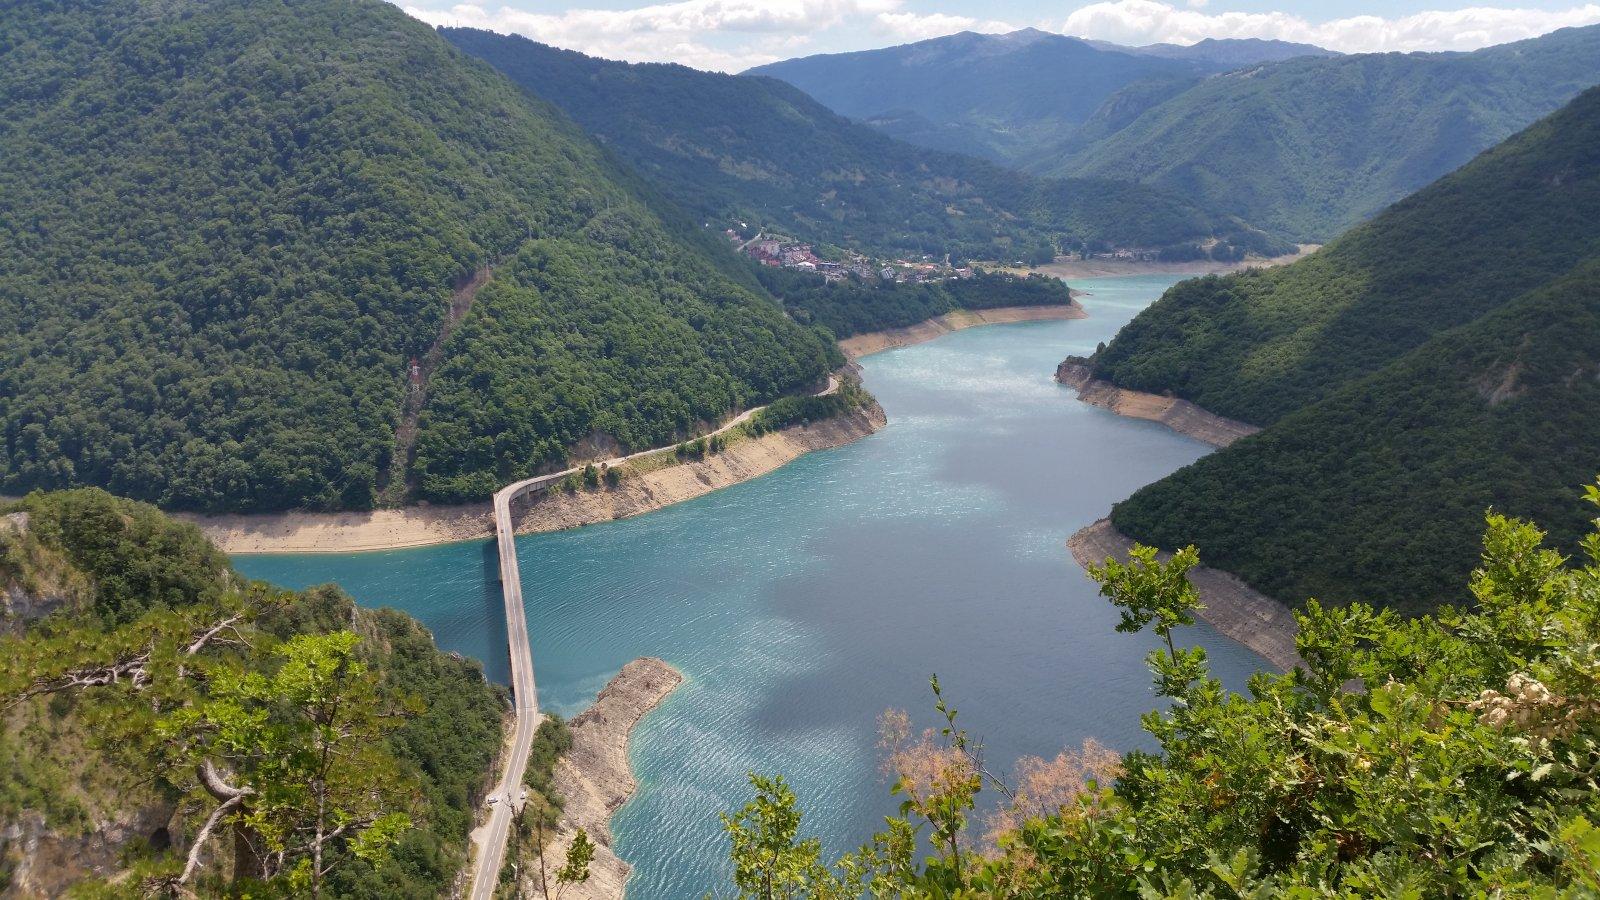 Обзорная экскурсия по северу Черногории